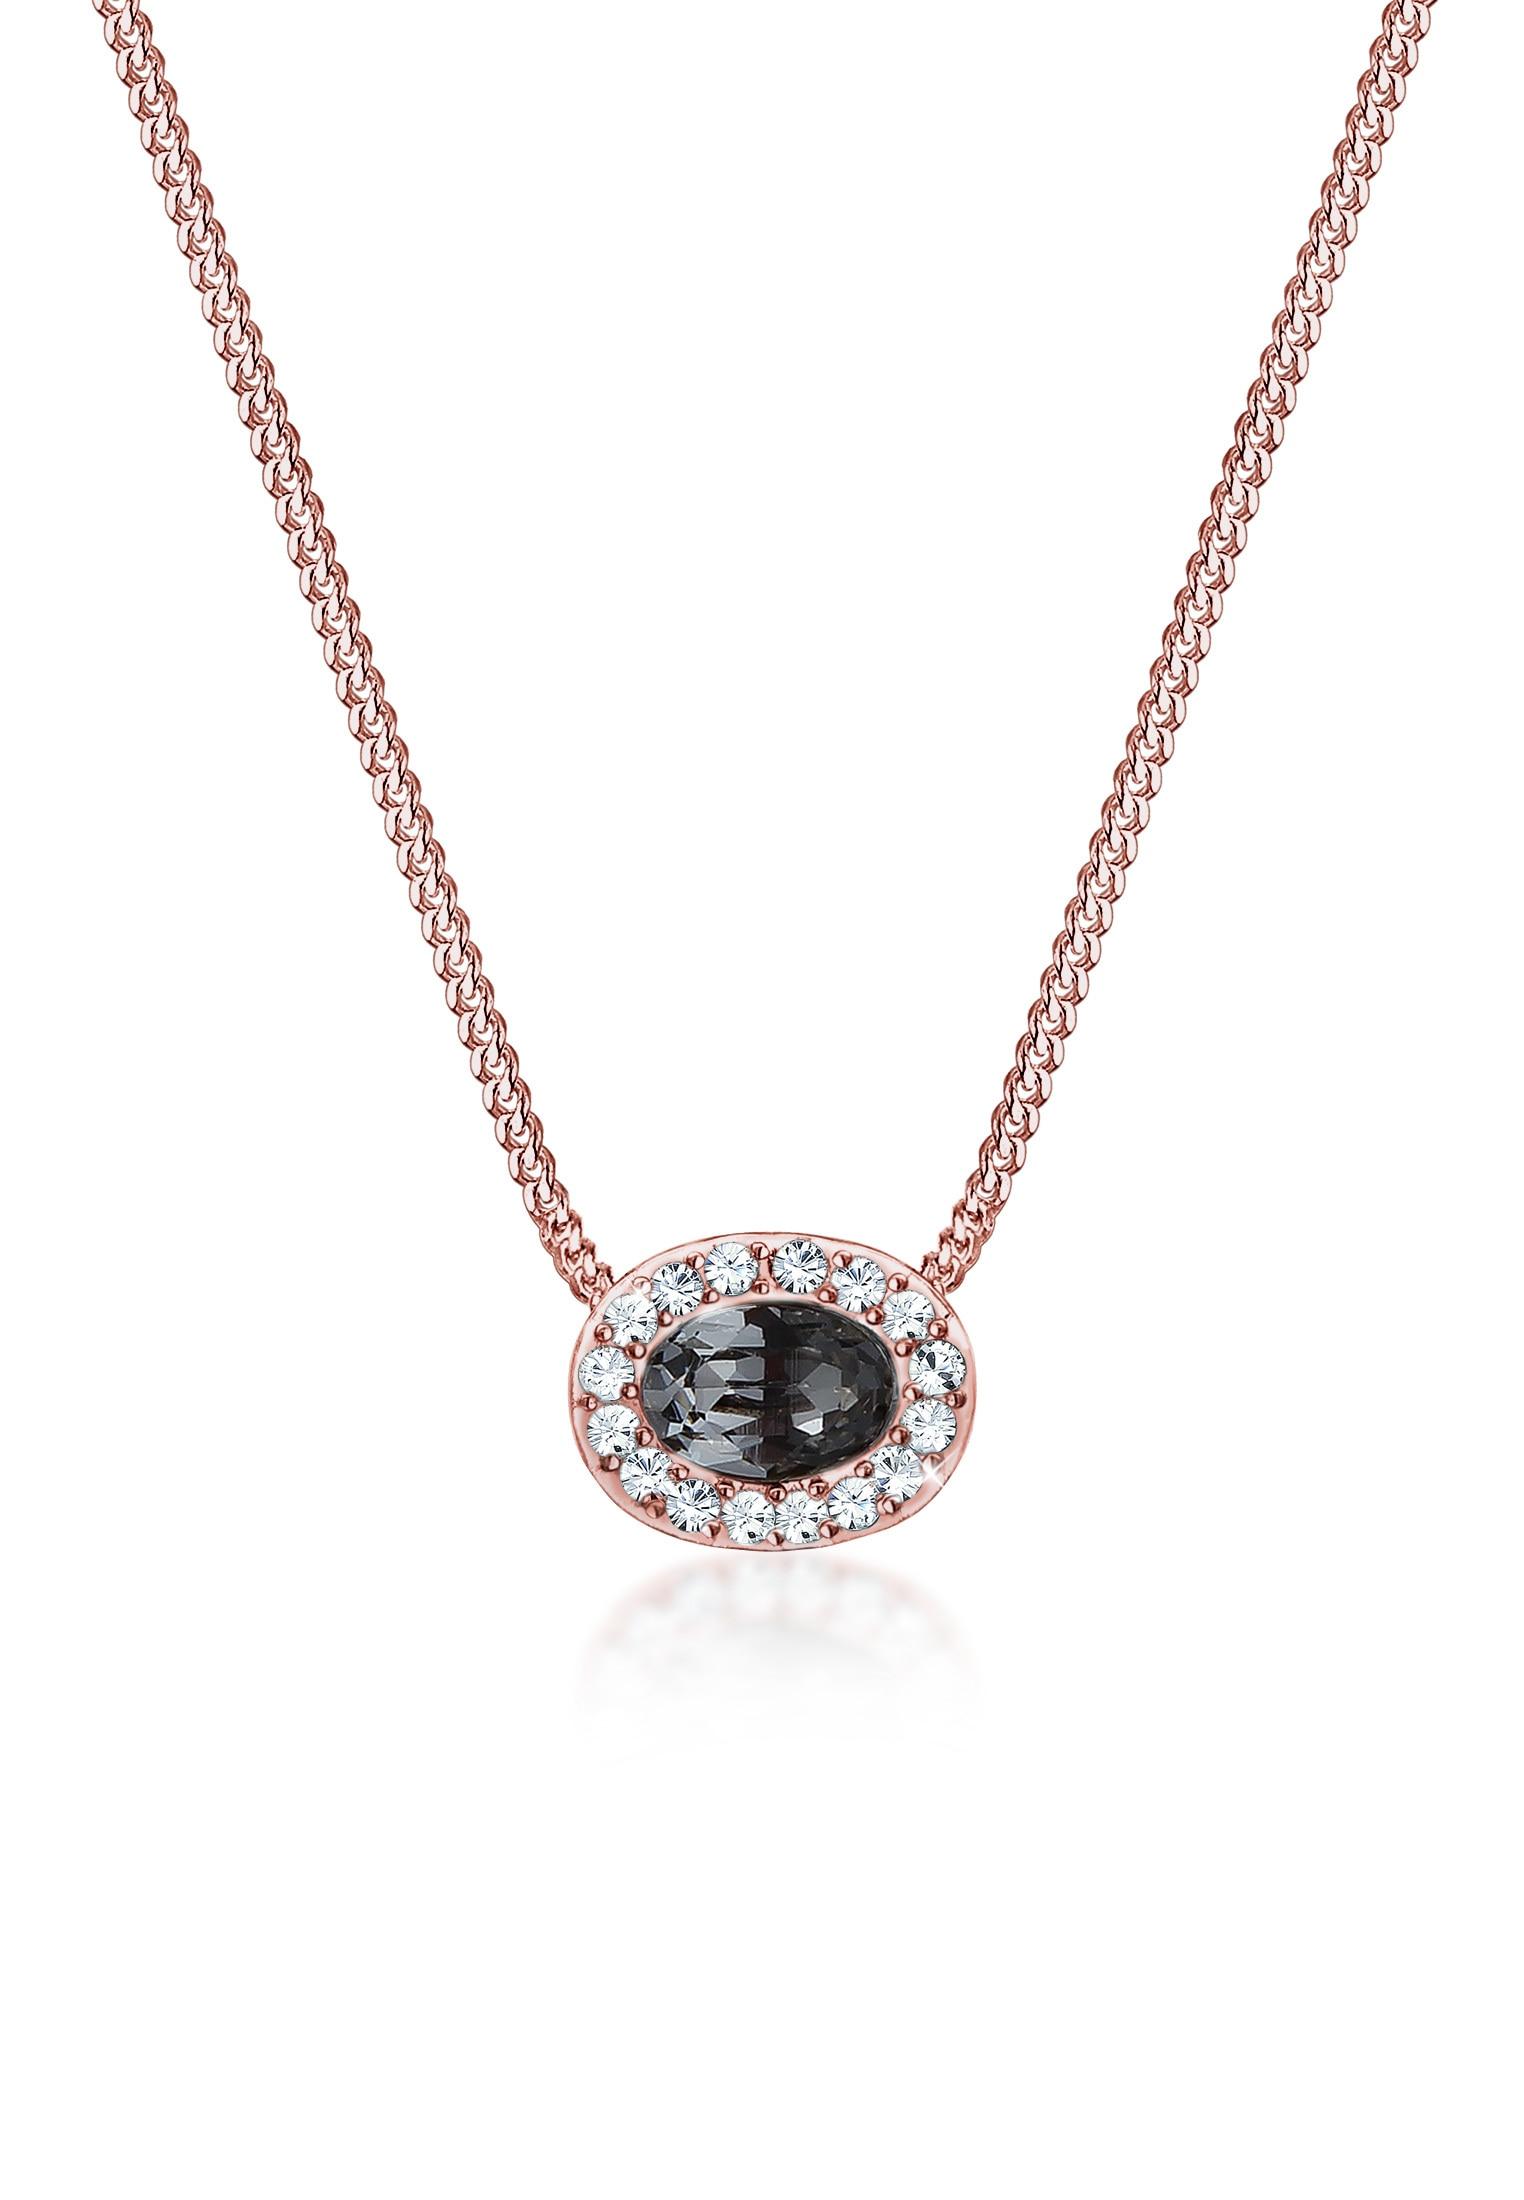 Elli Collierkettchen Panzerkette Oval Swarovski Kristalle 925 Silber | Schmuck > Halsketten > Panzerketten | Elli